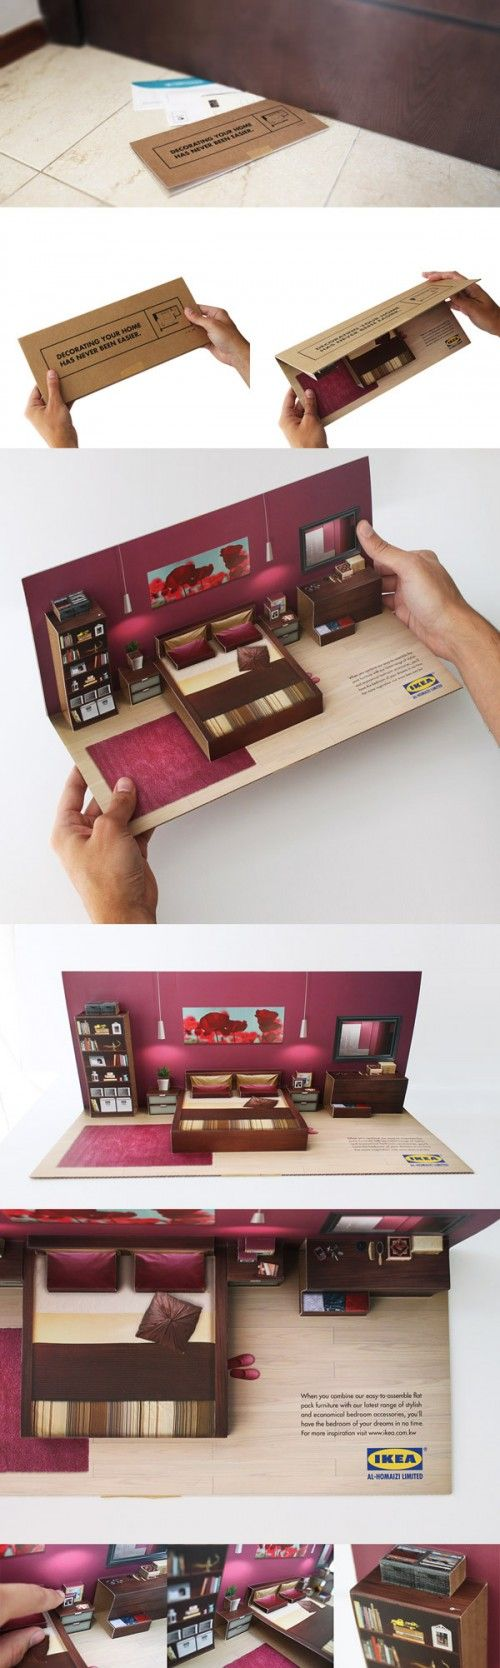 Publicité / Ikea : Une maison compactée dans une lettre postale